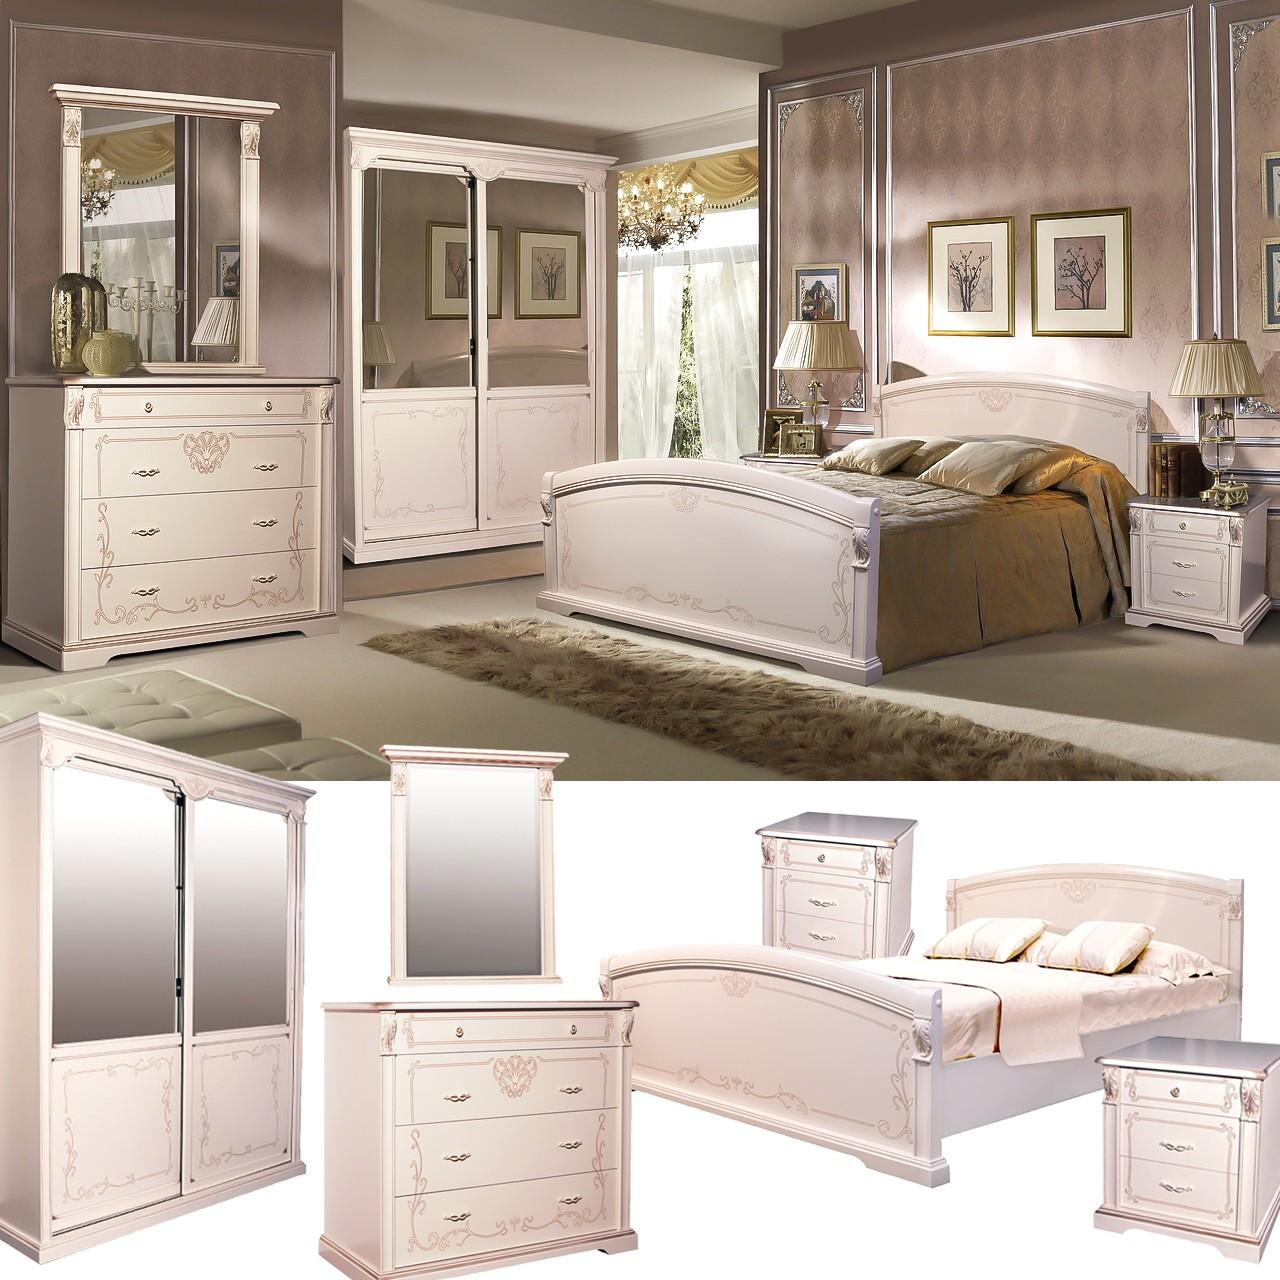 Full Size of Schlafzimmer Komplett Massivholz Kommode Betten Set Mit Matratze Und Lattenrost Gardinen Poco Schrank Wohnzimmer Schlafzimmer Komplett